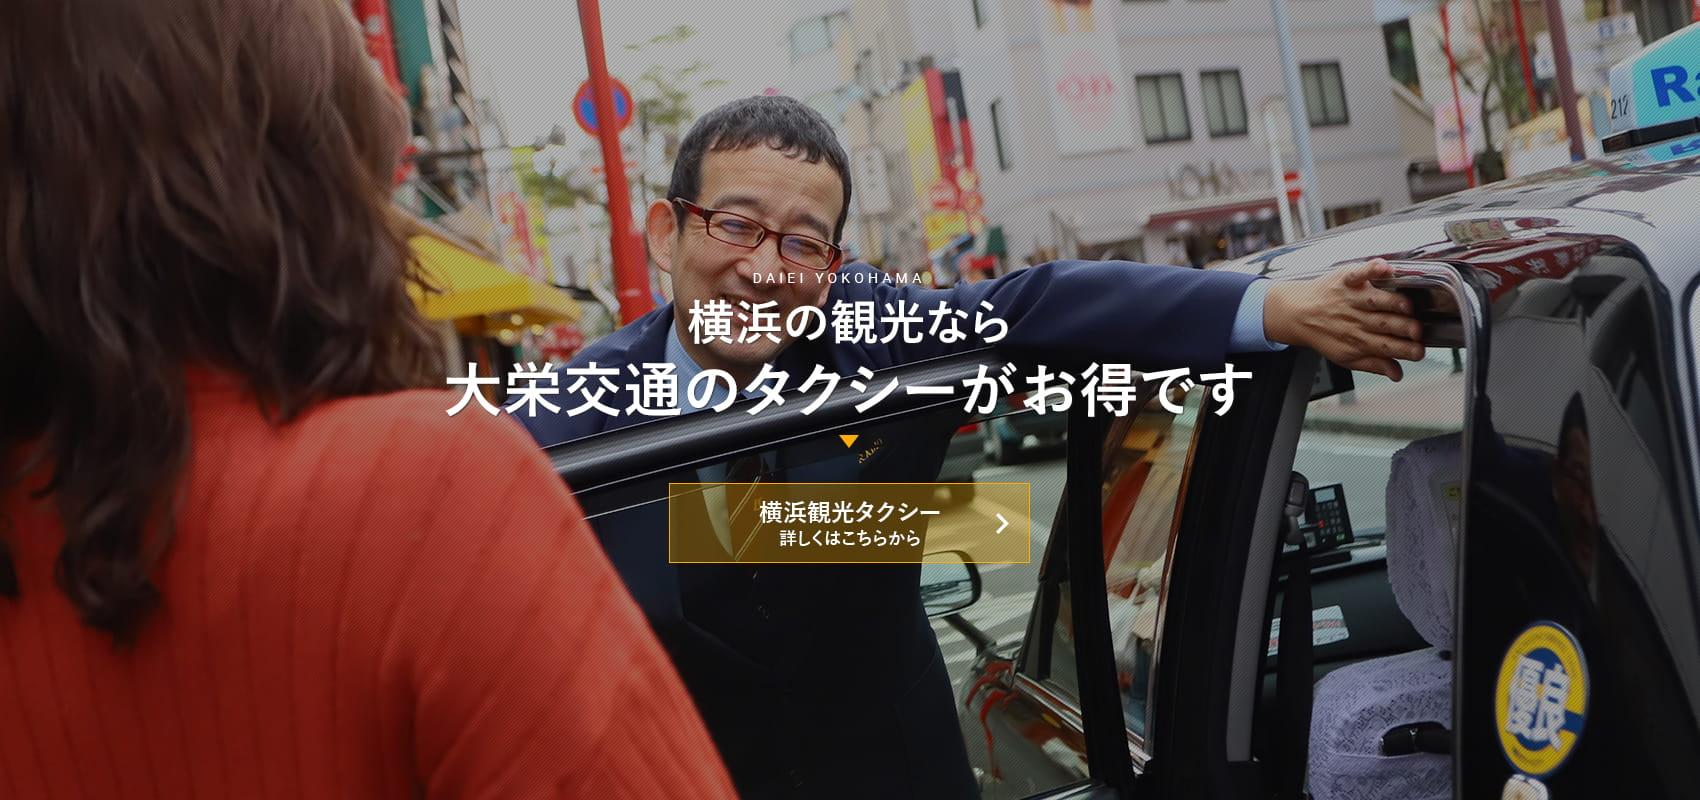 横浜の観光なら大栄交通のタクシーがお得です